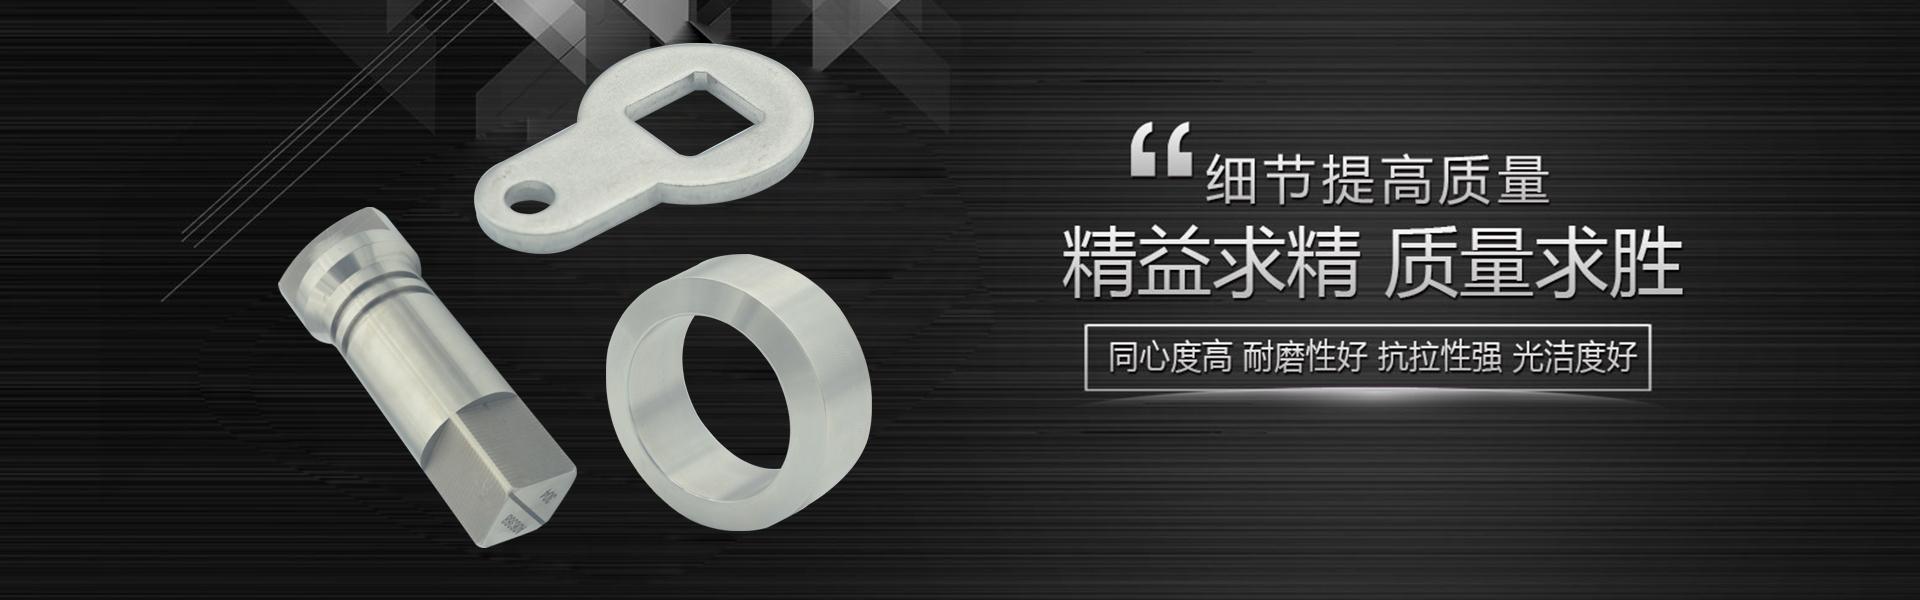 火狐体育官网首页厂家